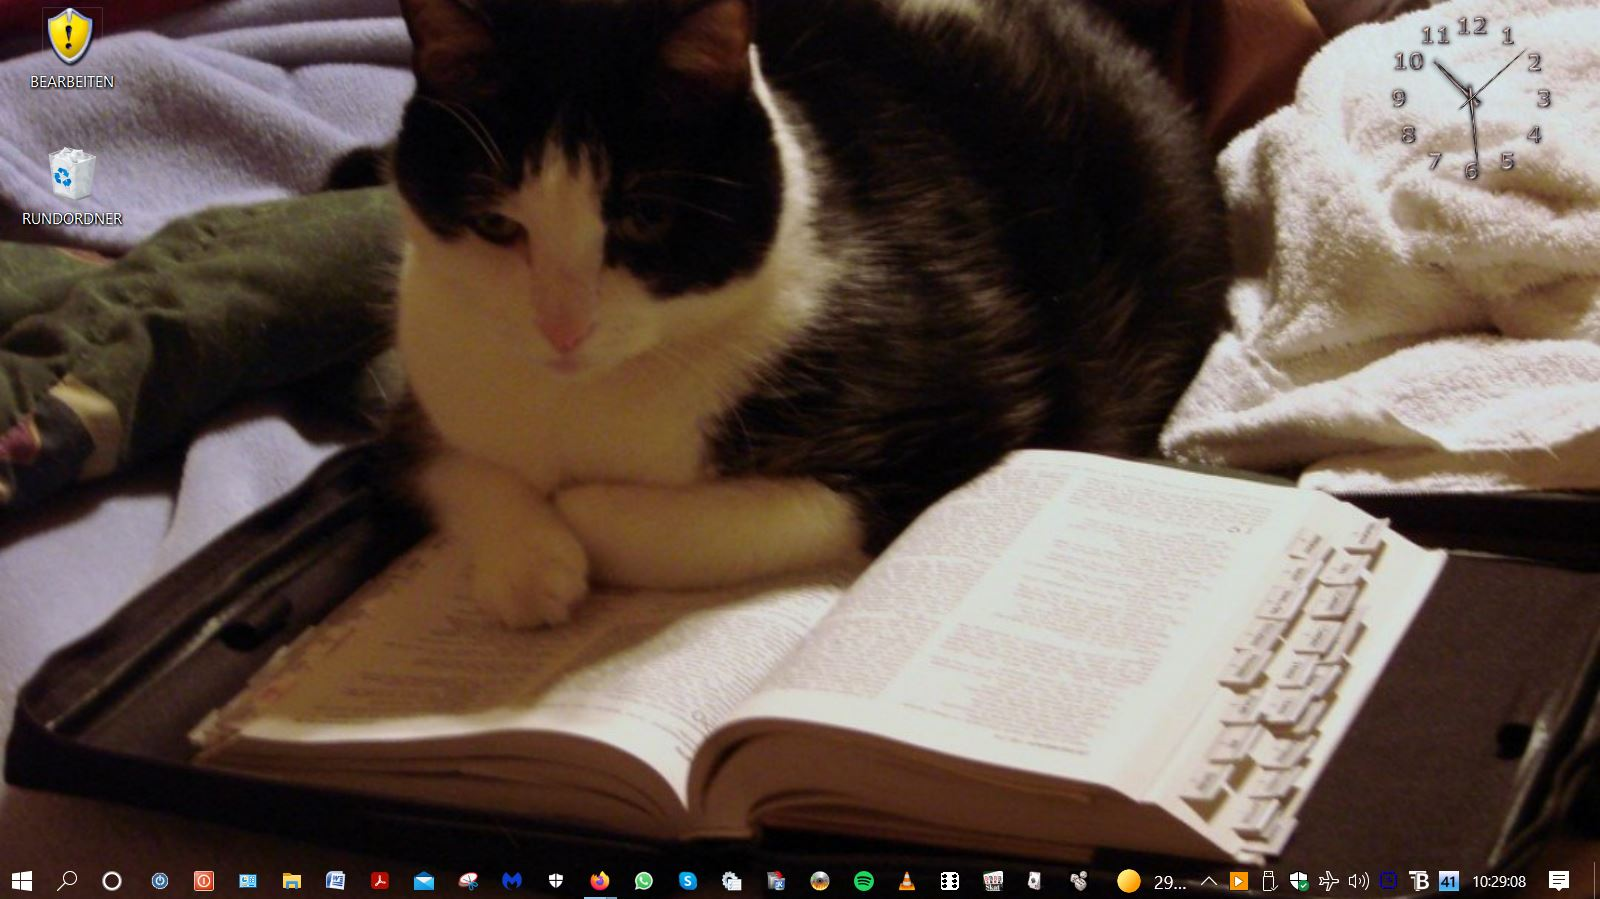 Lesemde Katze.JPG